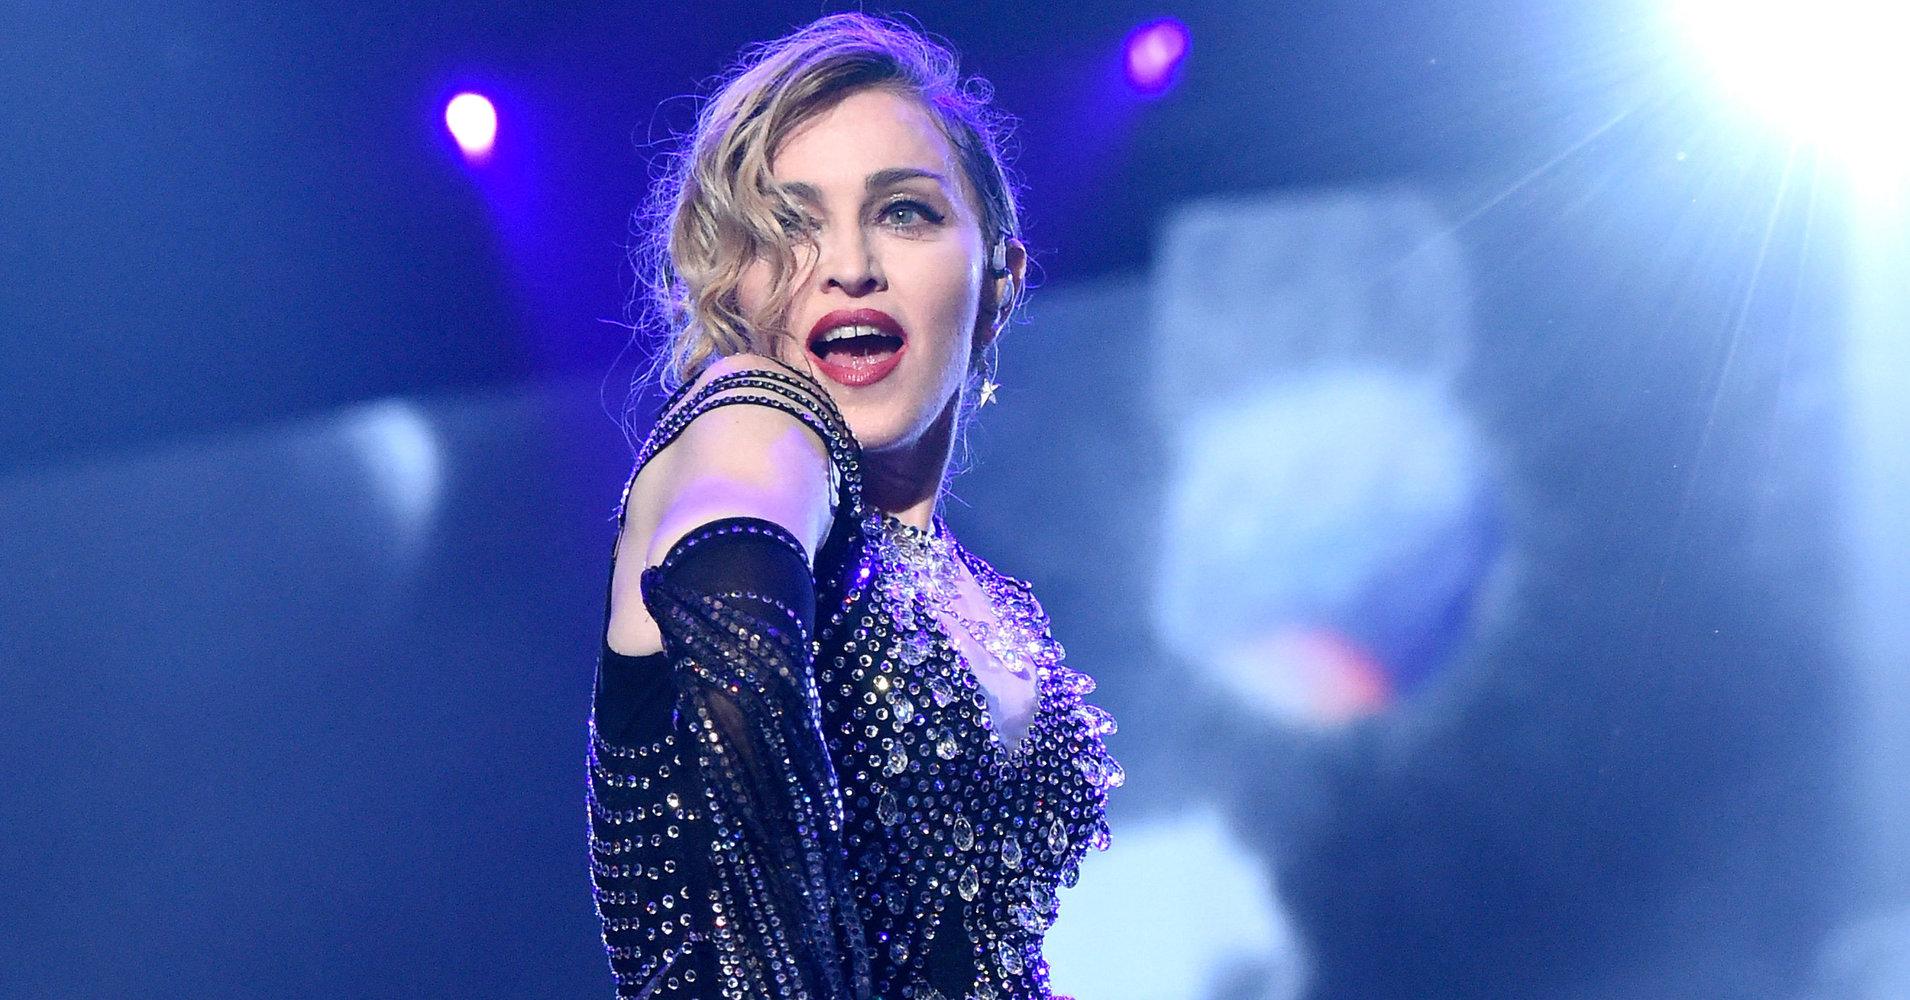 La polémica foto de Madonna junto a su hija